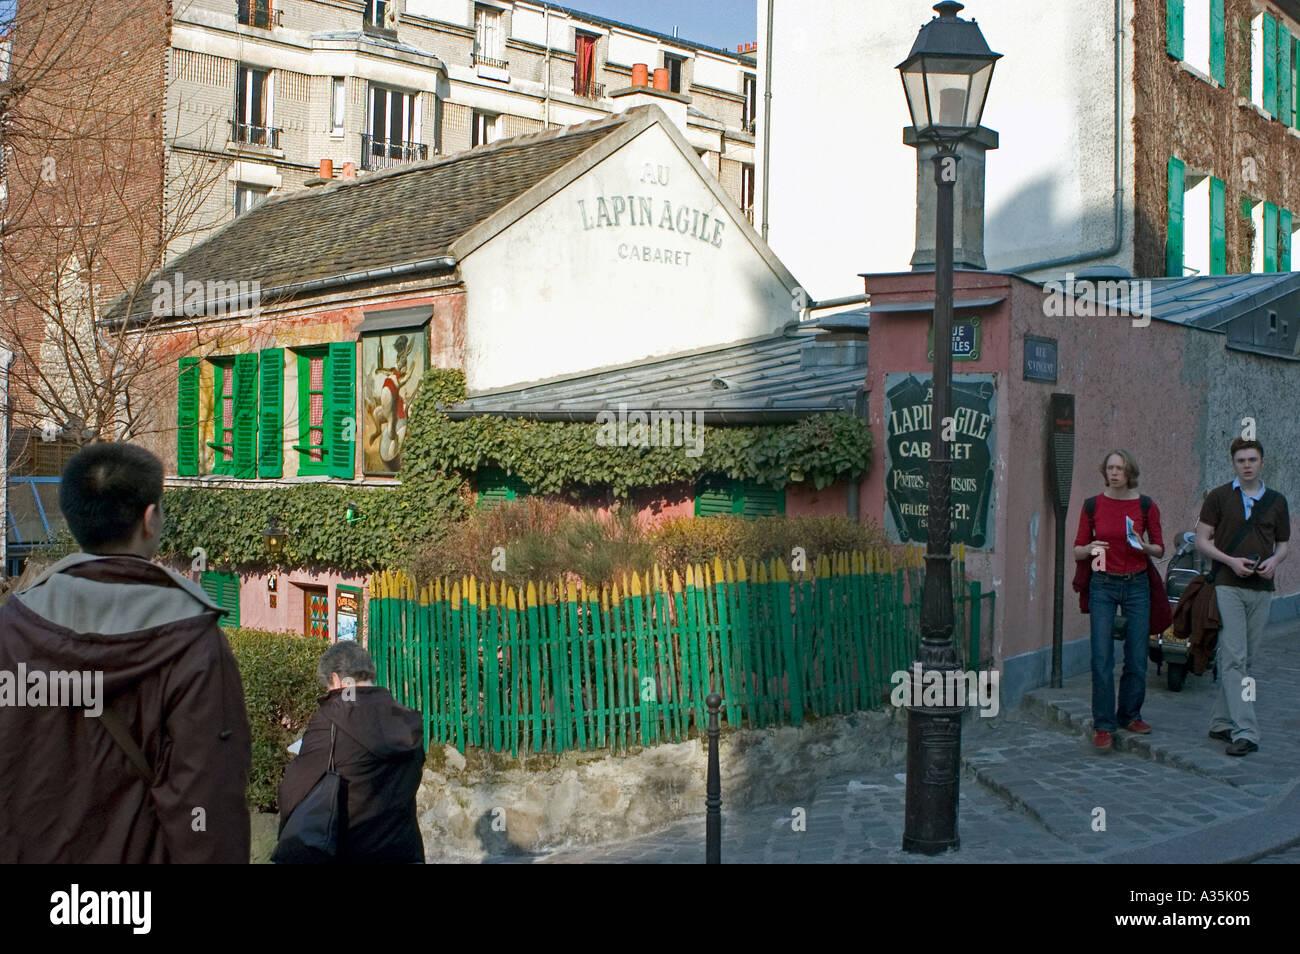 Parigi Francia, Butte Montmartre, 'lapin agile cabaret' turisti in visita Immagini Stock